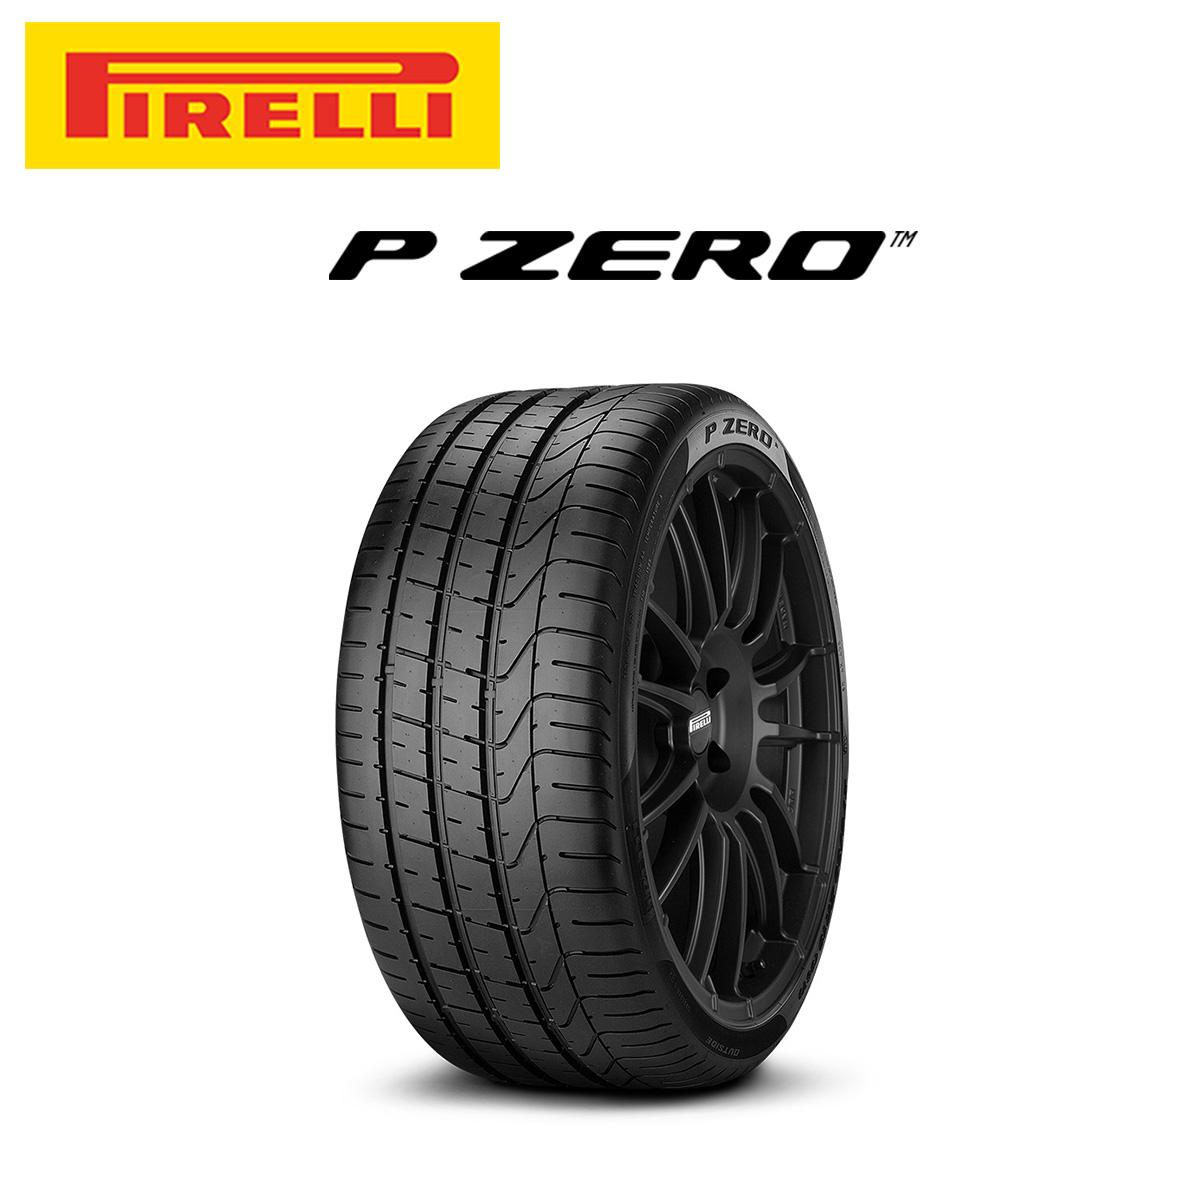 ピレリ PIRELLI P ZERO ピーゼロ 20インチ サマー タイヤ 4本 セット 255/40R20 101W XL MO:メルセデスベンツ承認タイヤ 1767400